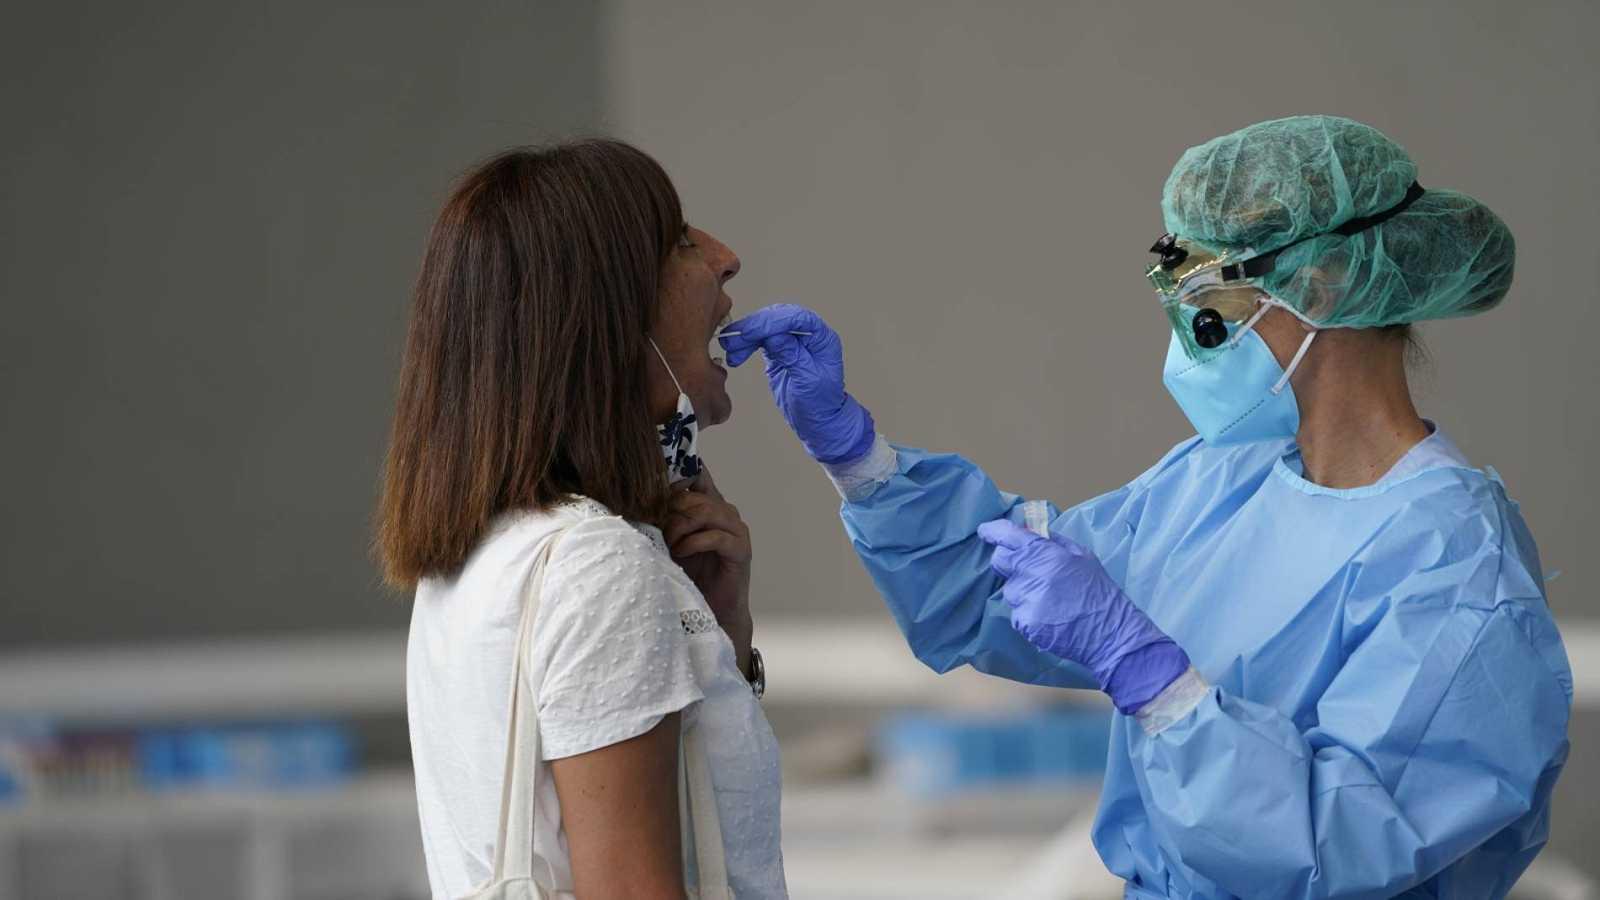 Una trabajadora sanitaria obtiene una muestra de una mujer para someterla a una prueba PCR